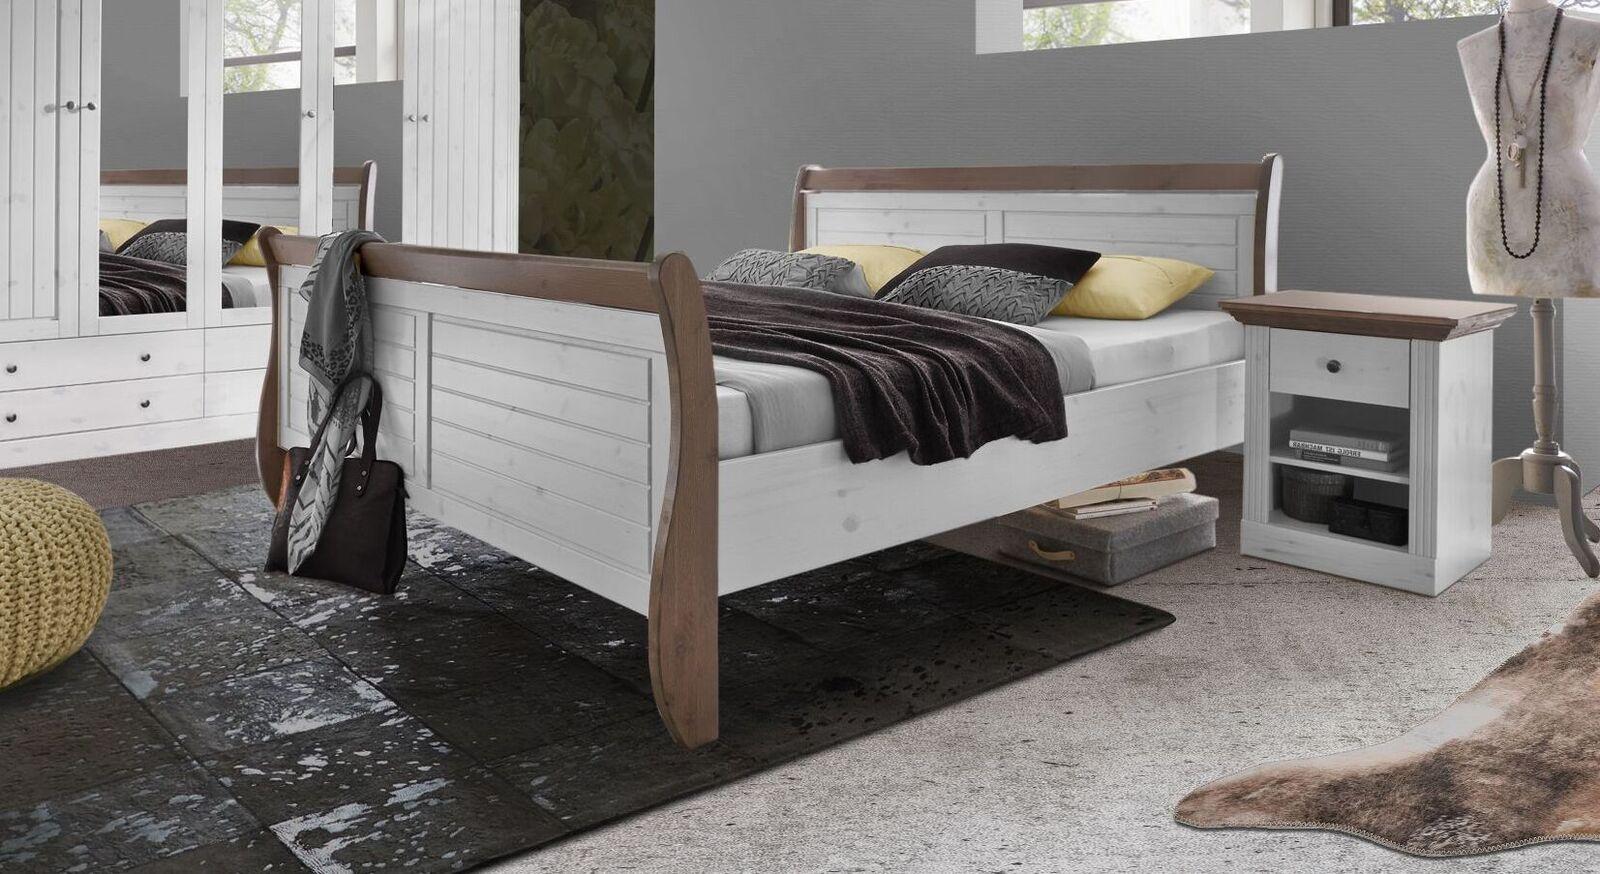 Bett Himal in rustikalem Landhausstil